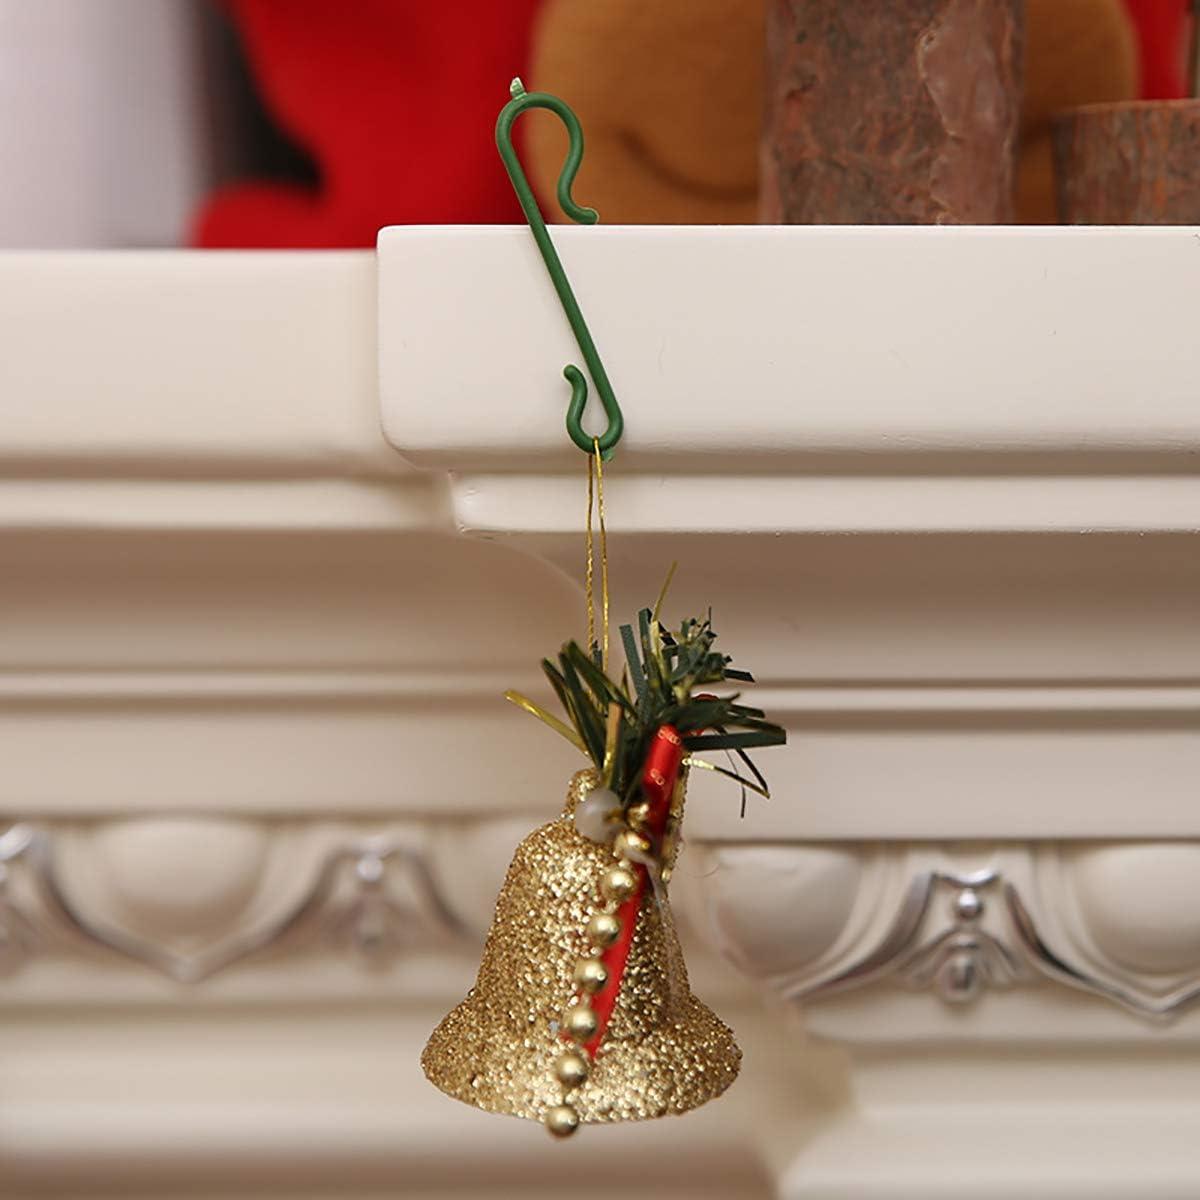 Decoraciones Navide/ñas Corona de Navidad Vid de Navidad HNJKJEU Ganchos para Colgar /árboles de Navidad Verde 200 Piezas Adornos Navide/ños de Pl/ástico S Ganchos Colgantes para Bolas de Navidad